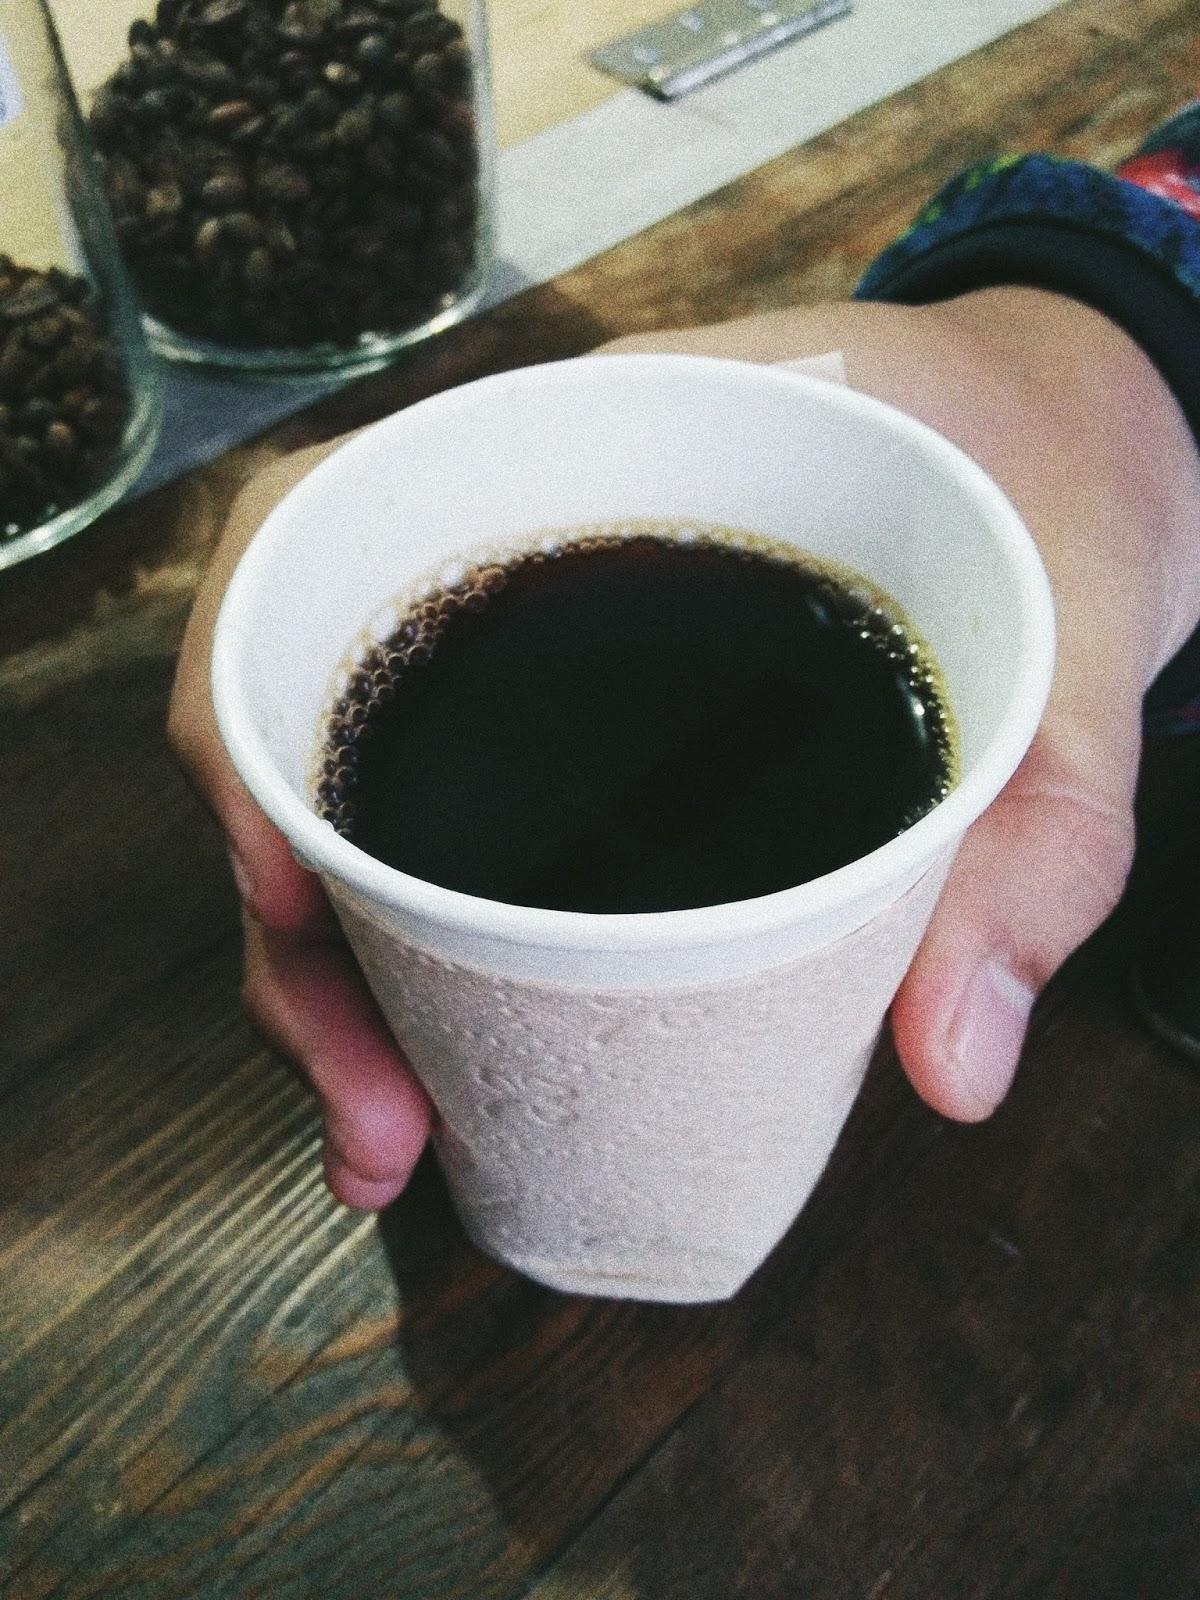 Menyusuri Prawirotaman Jogja : Hidup Ketika Pagi, Redup Kala Malam Menanti - Black Coffee